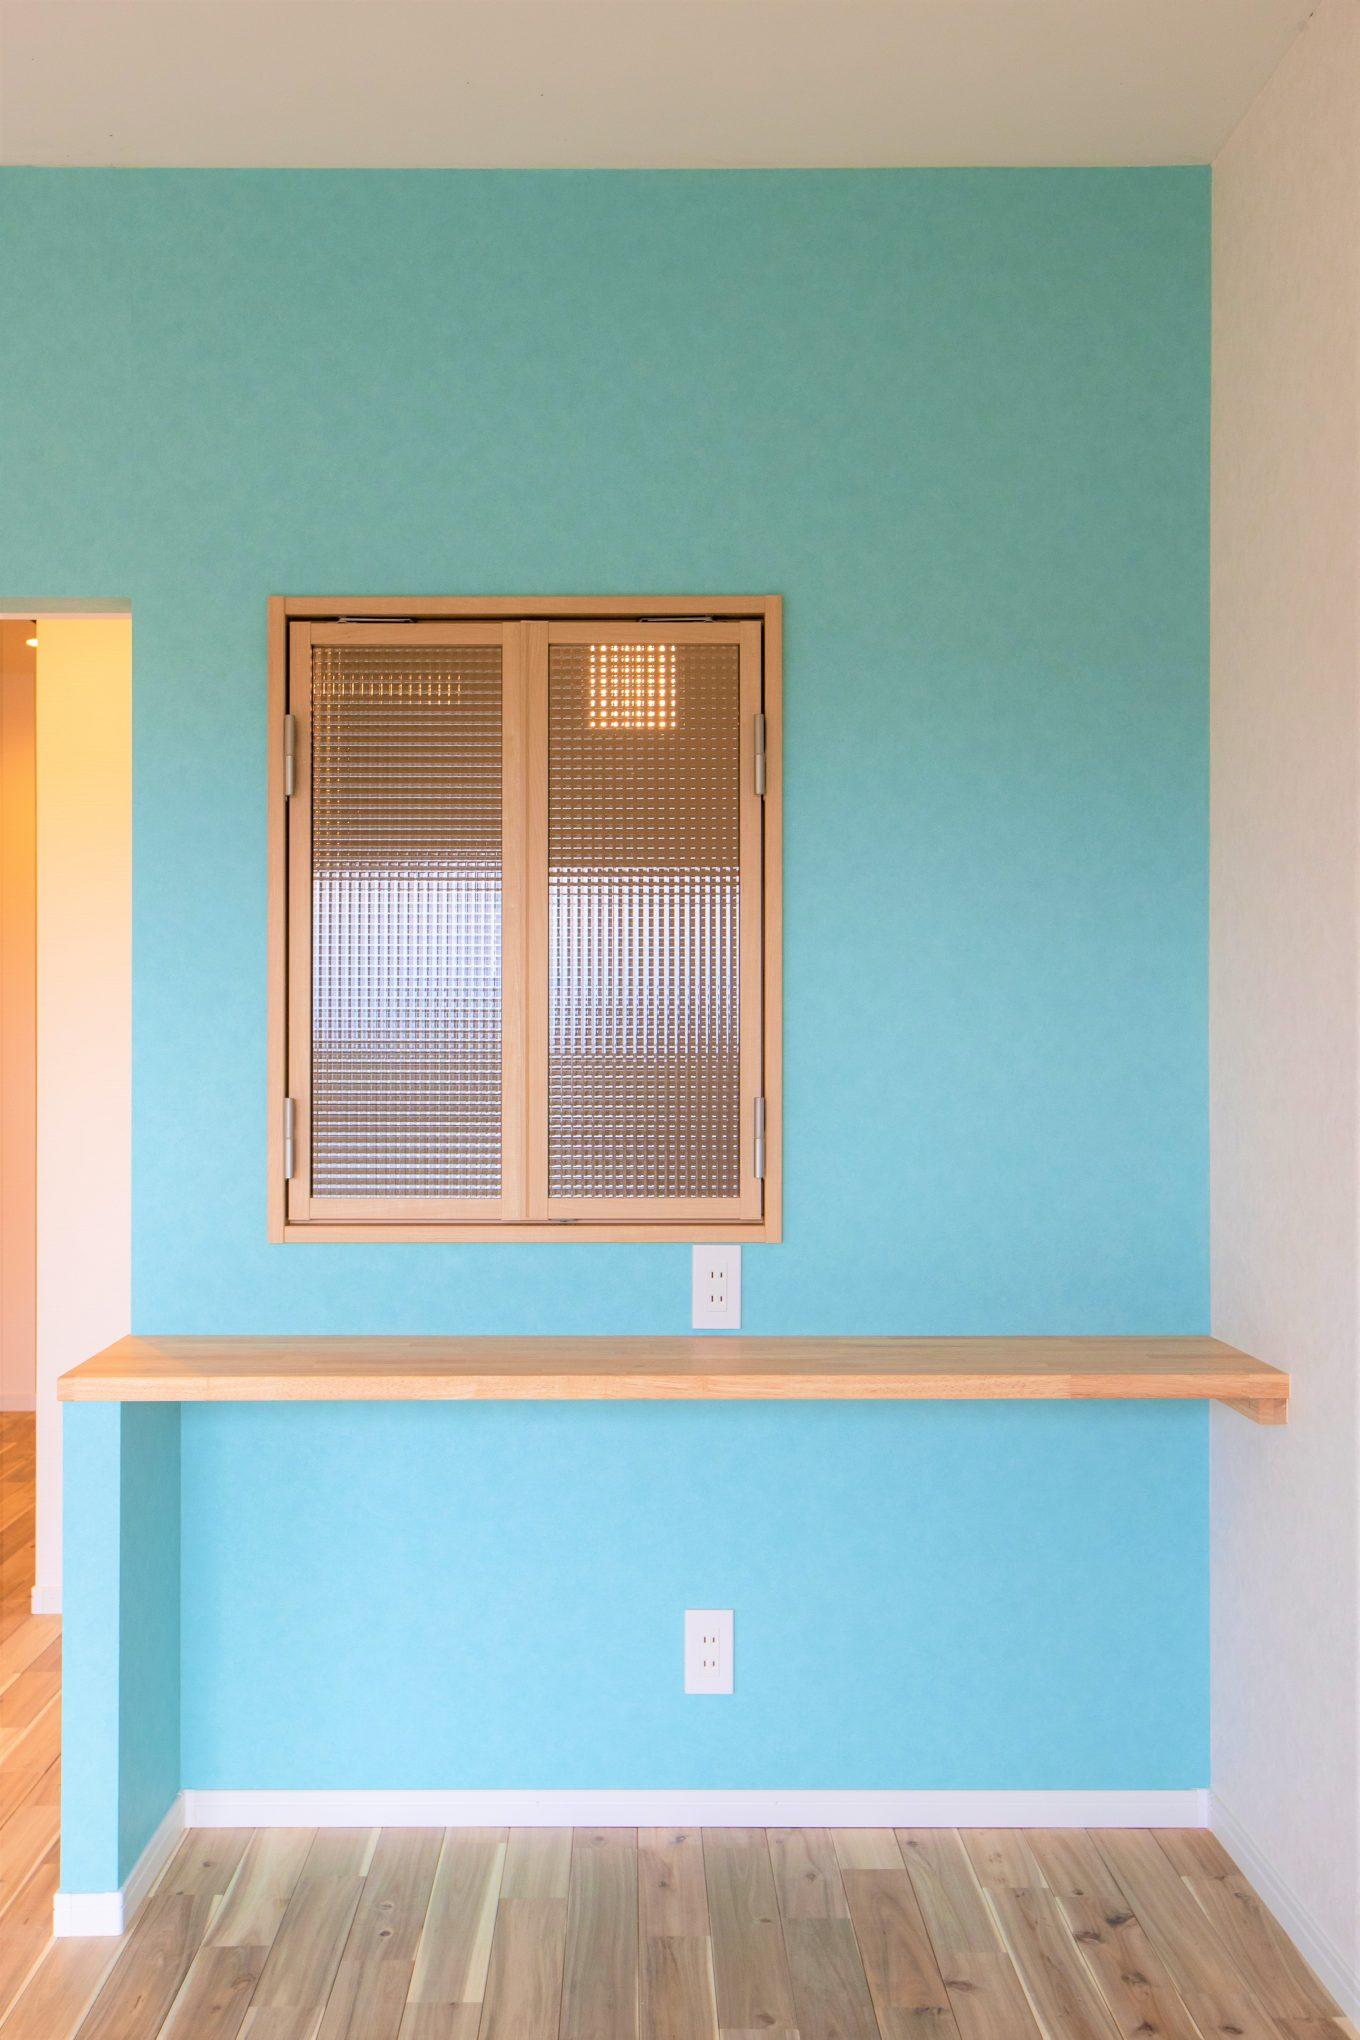 リビングに続く個室の室内窓は、会話、空気、光を取り入れる